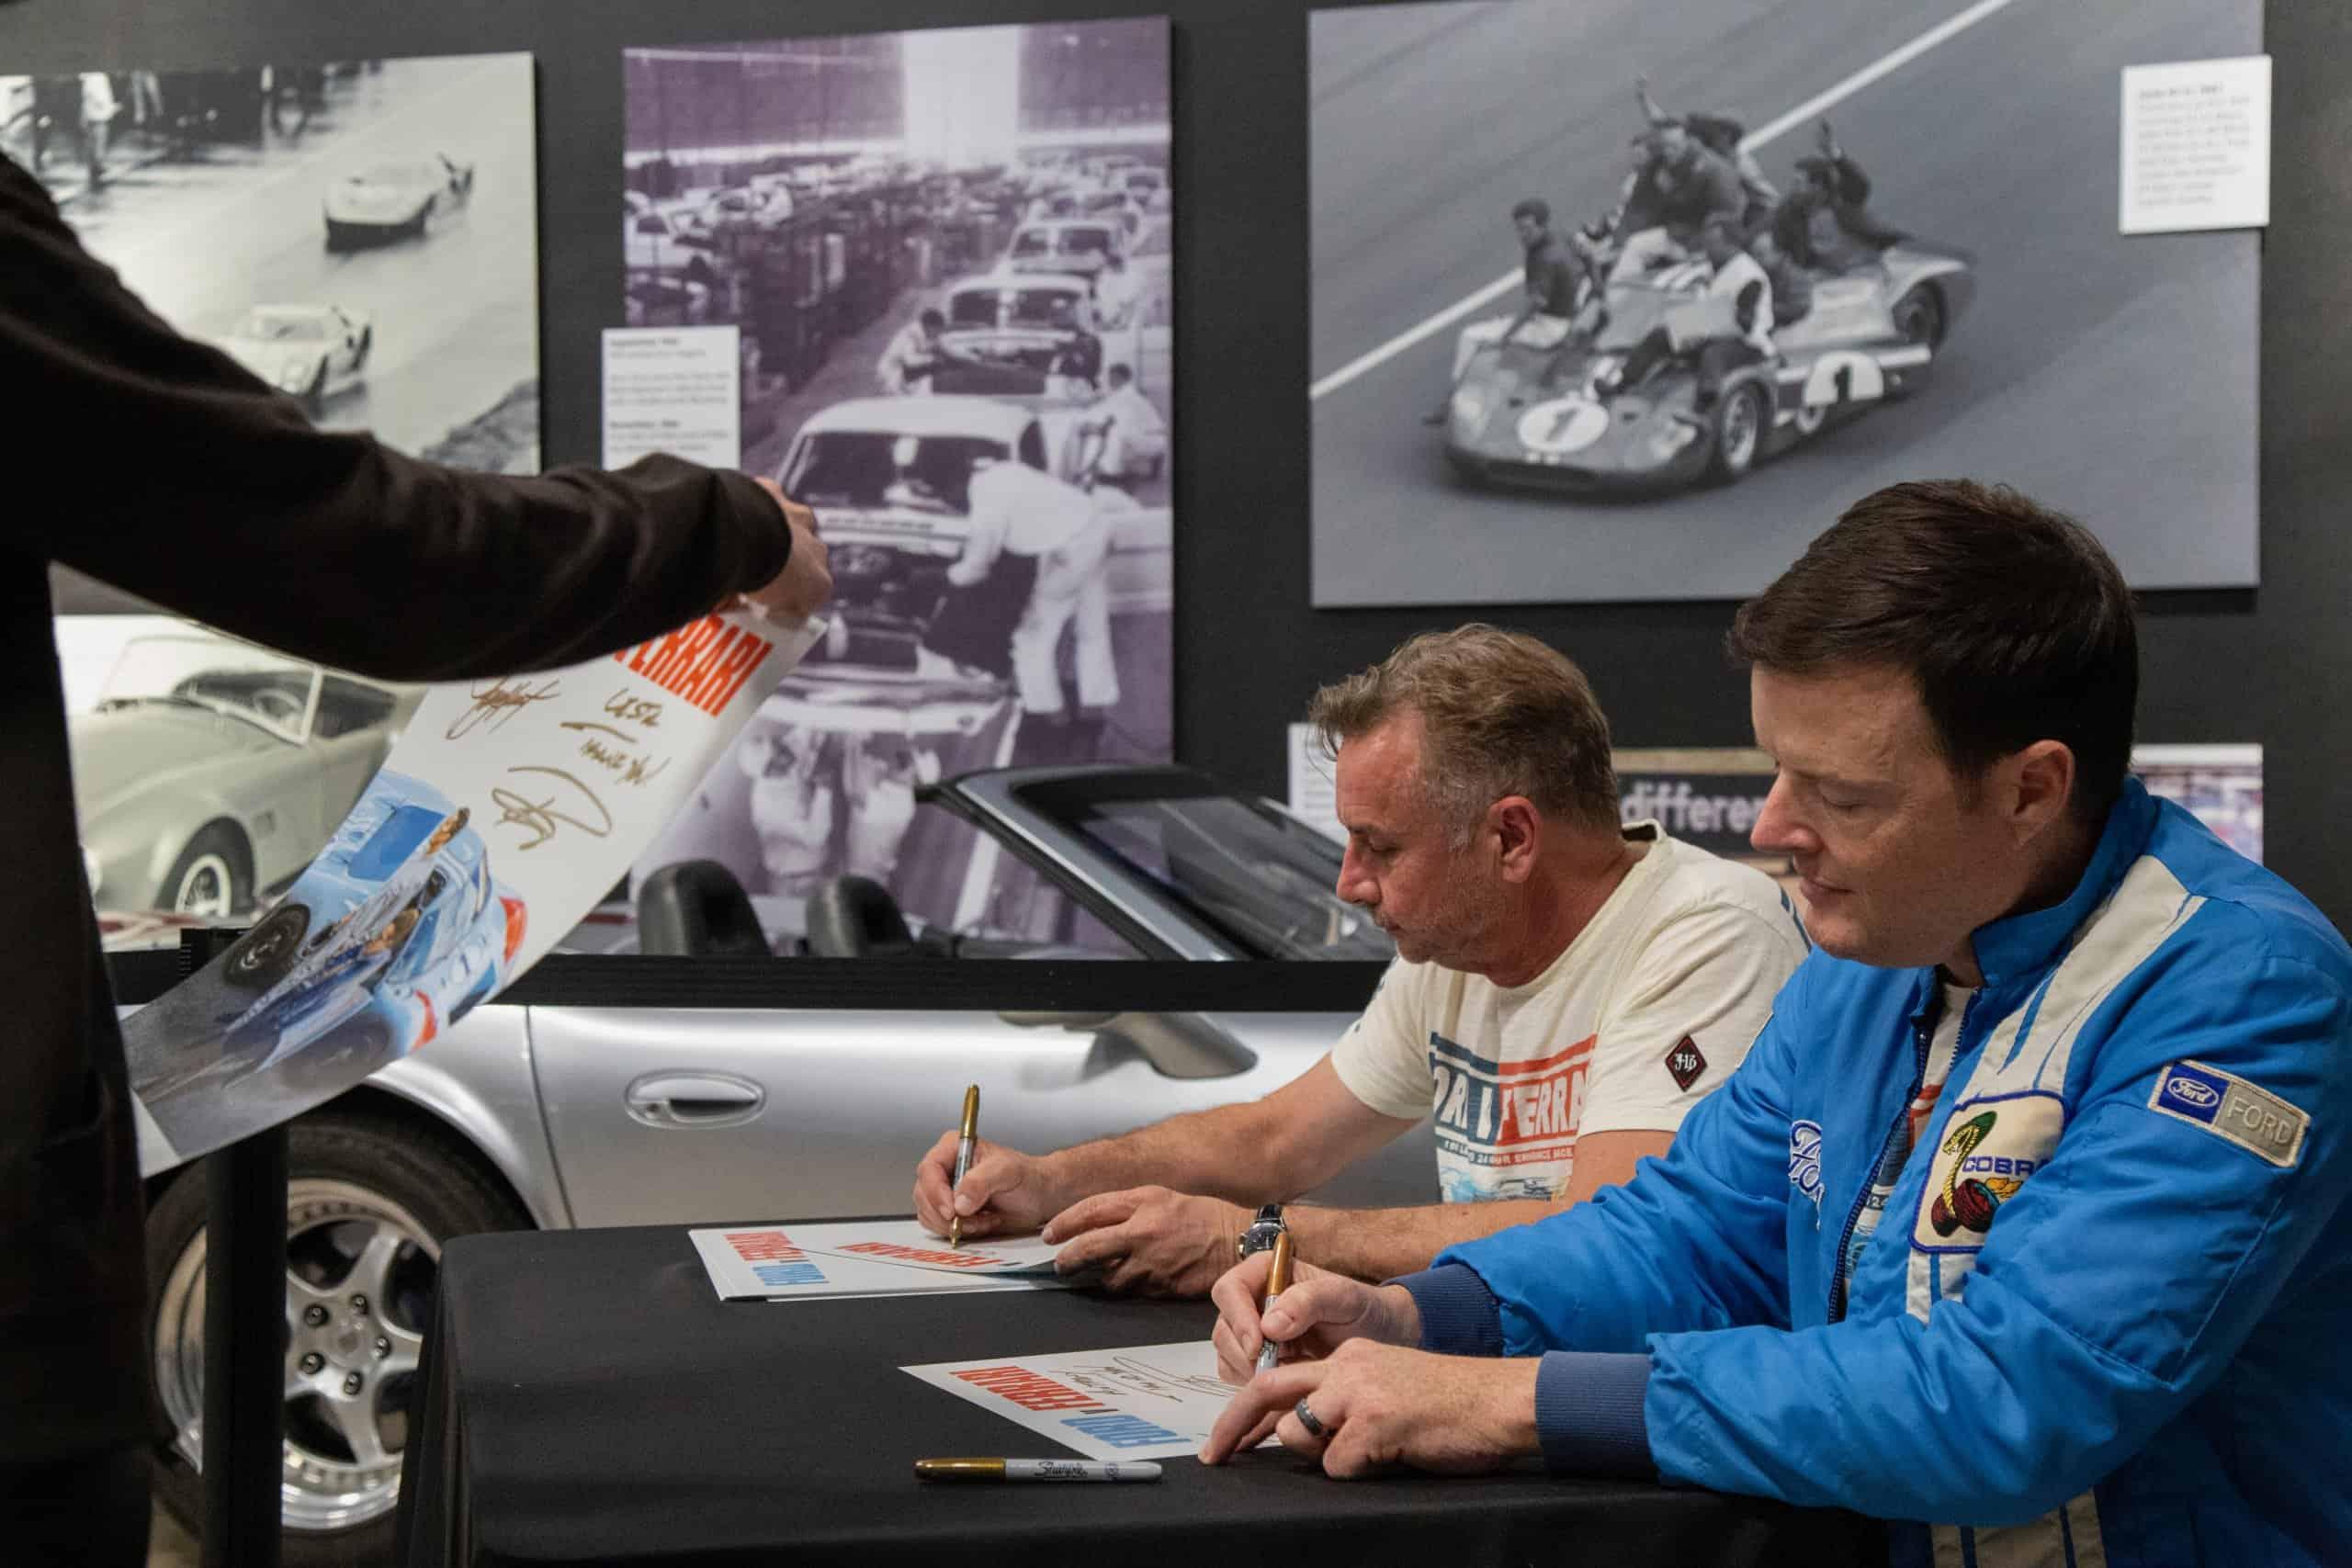 Ford v Ferrari, Meet the reel stars of 'Ford v Ferrari', ClassicCars.com Journal